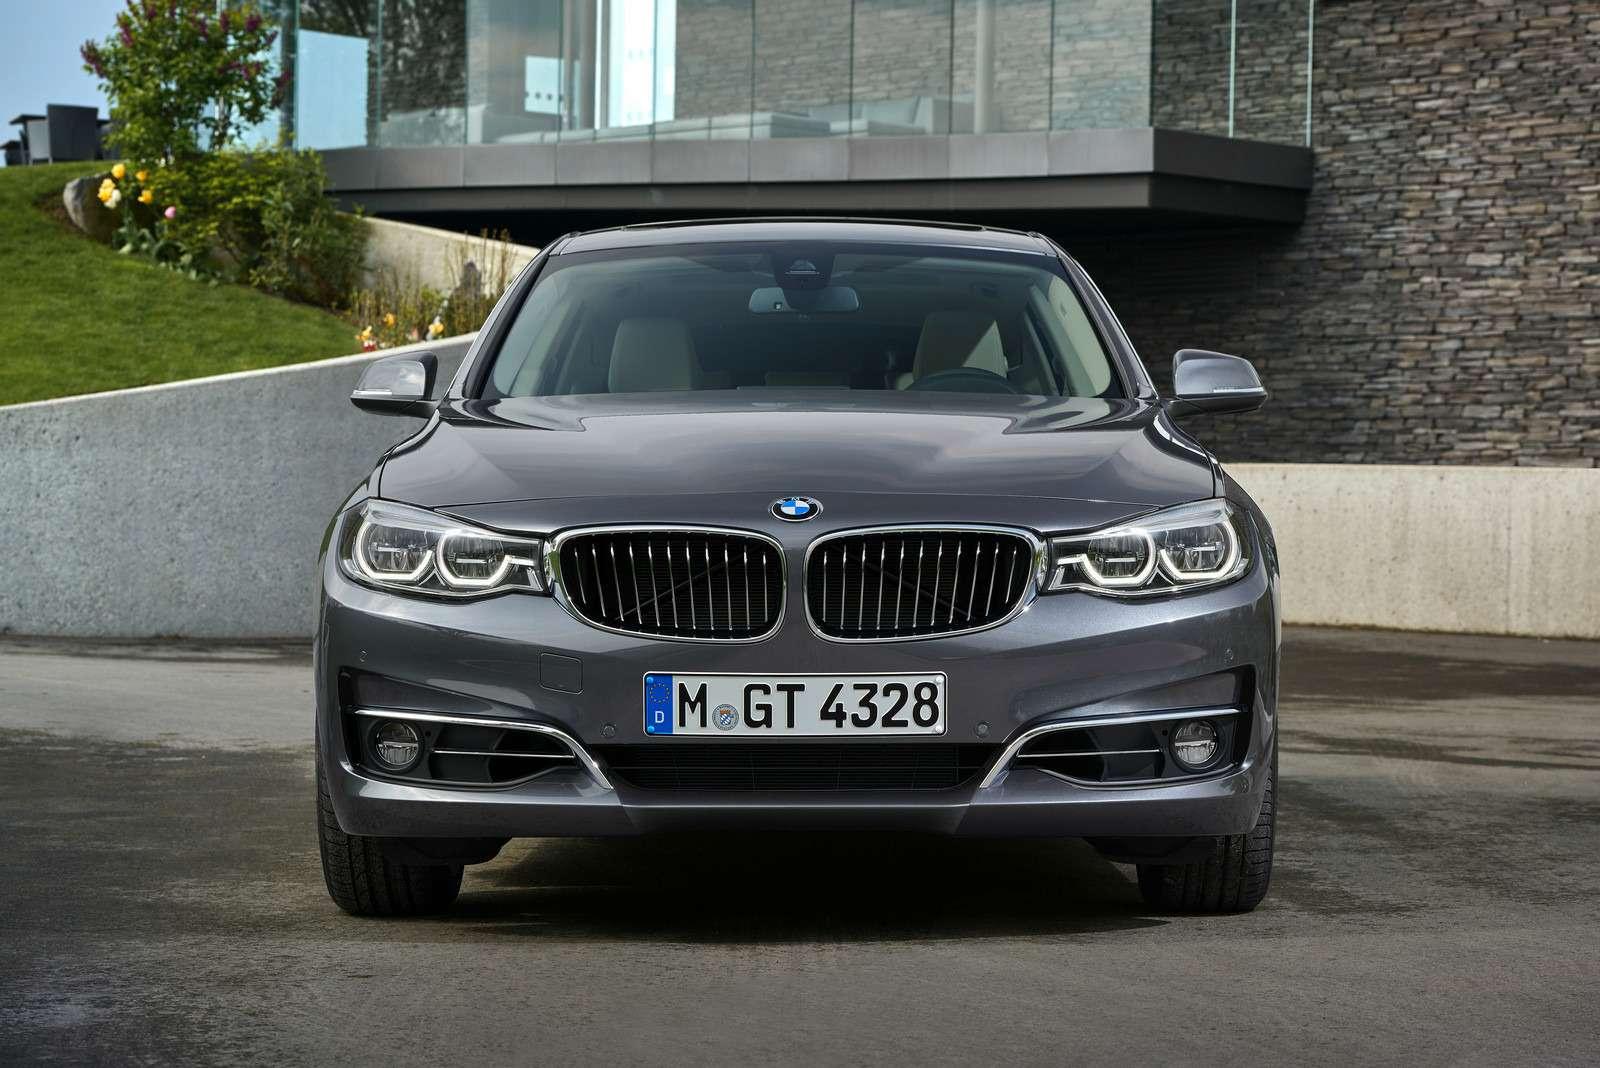 Обновленный BMW 3-й серии GT: урок эффективного менеджмента— фото 593849